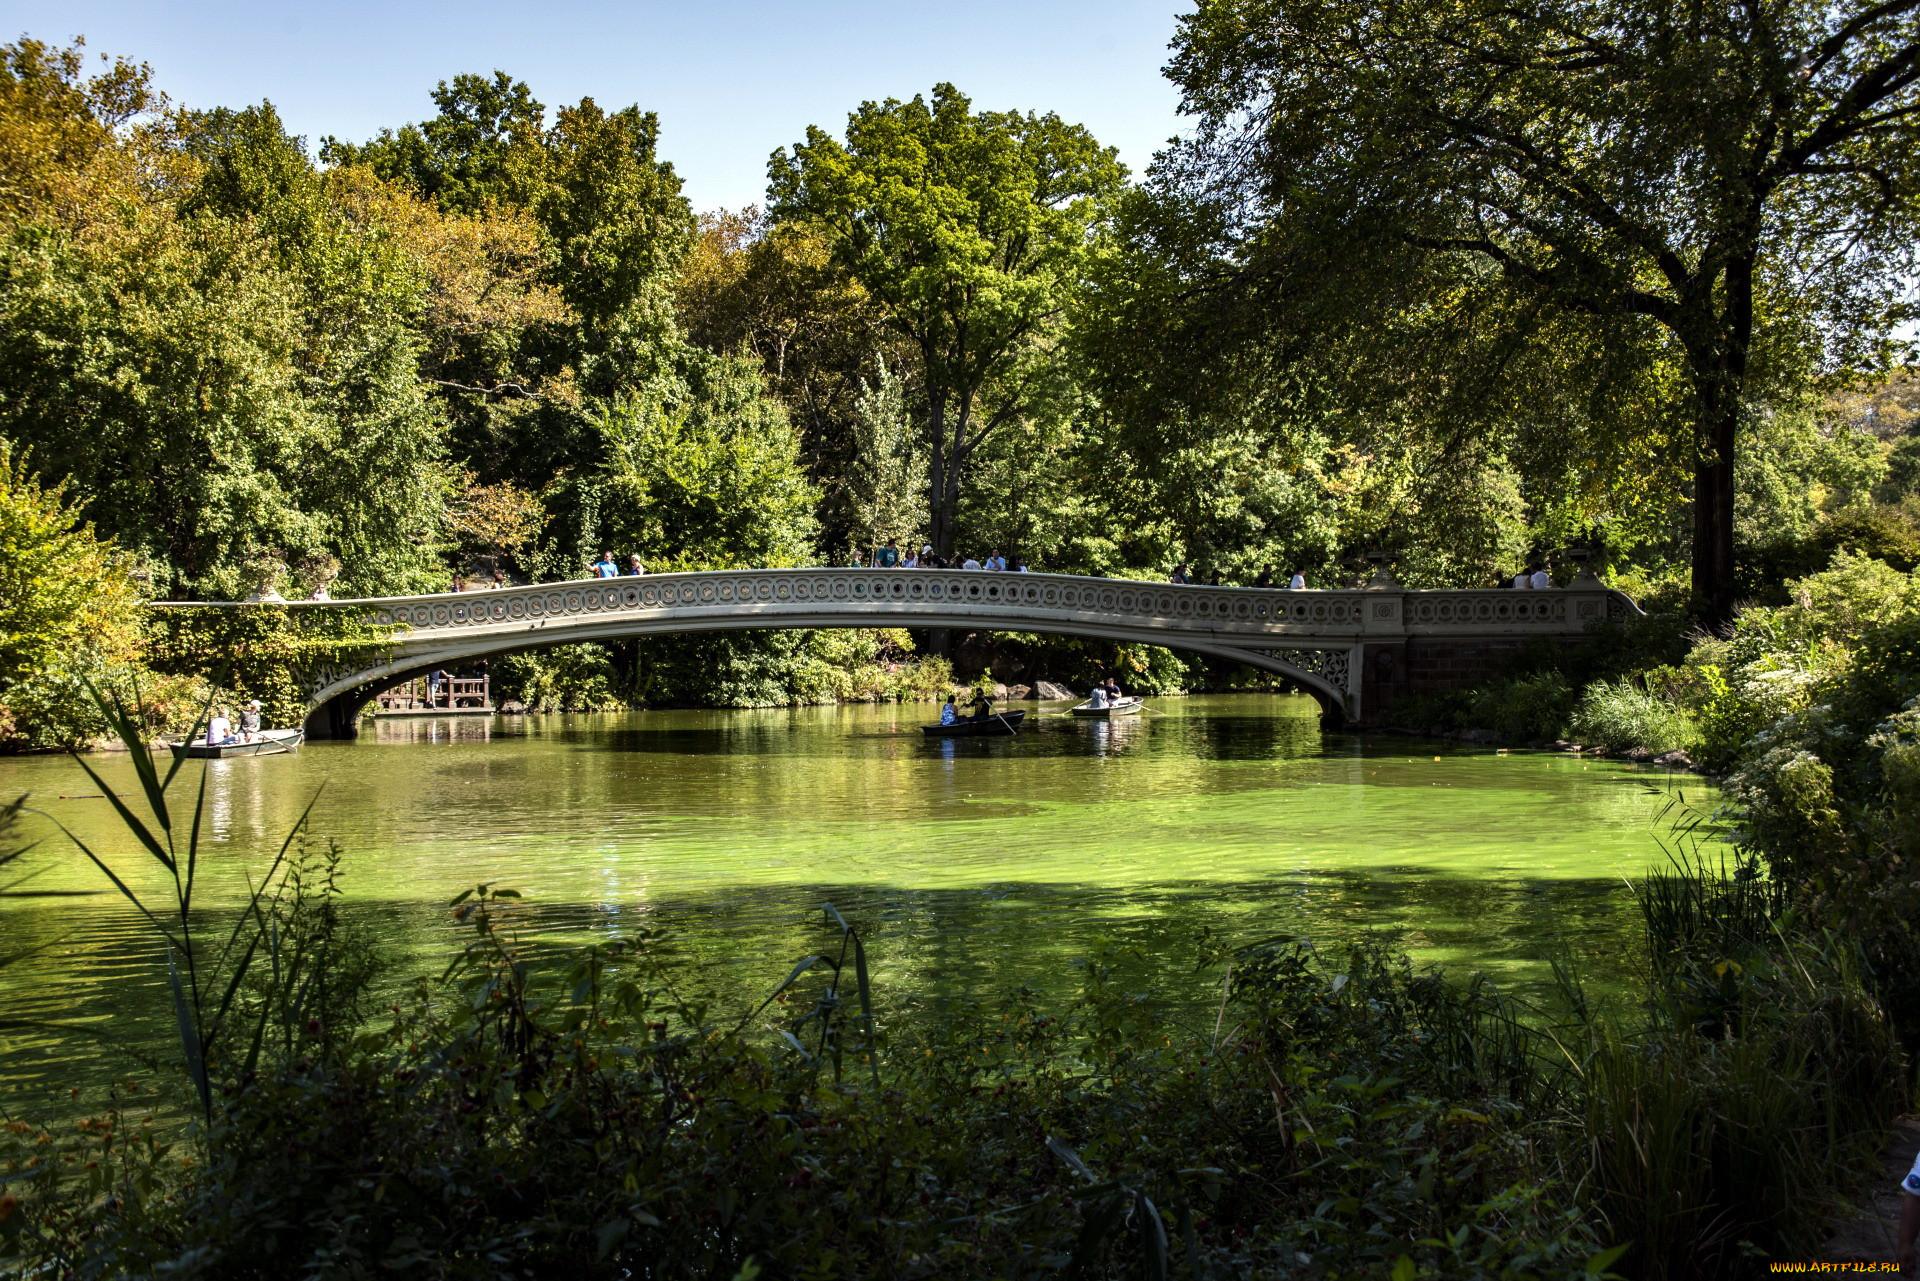 цветные фотографии красивых мостиков в парках является уникальным курортом